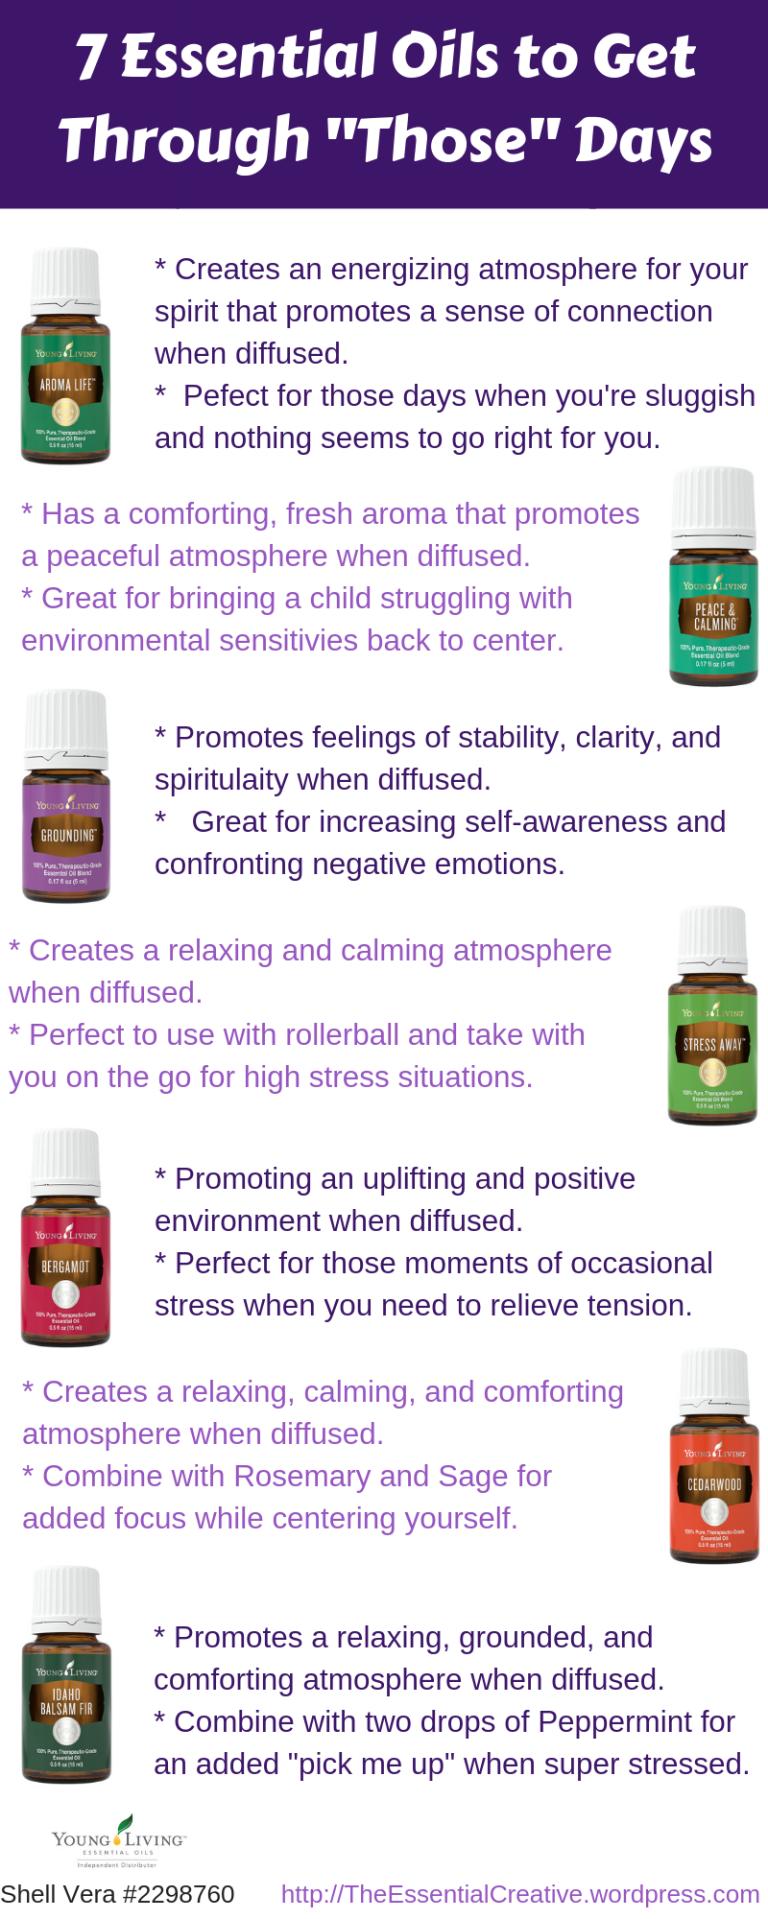 7 Essential Oils for _Those_ Days